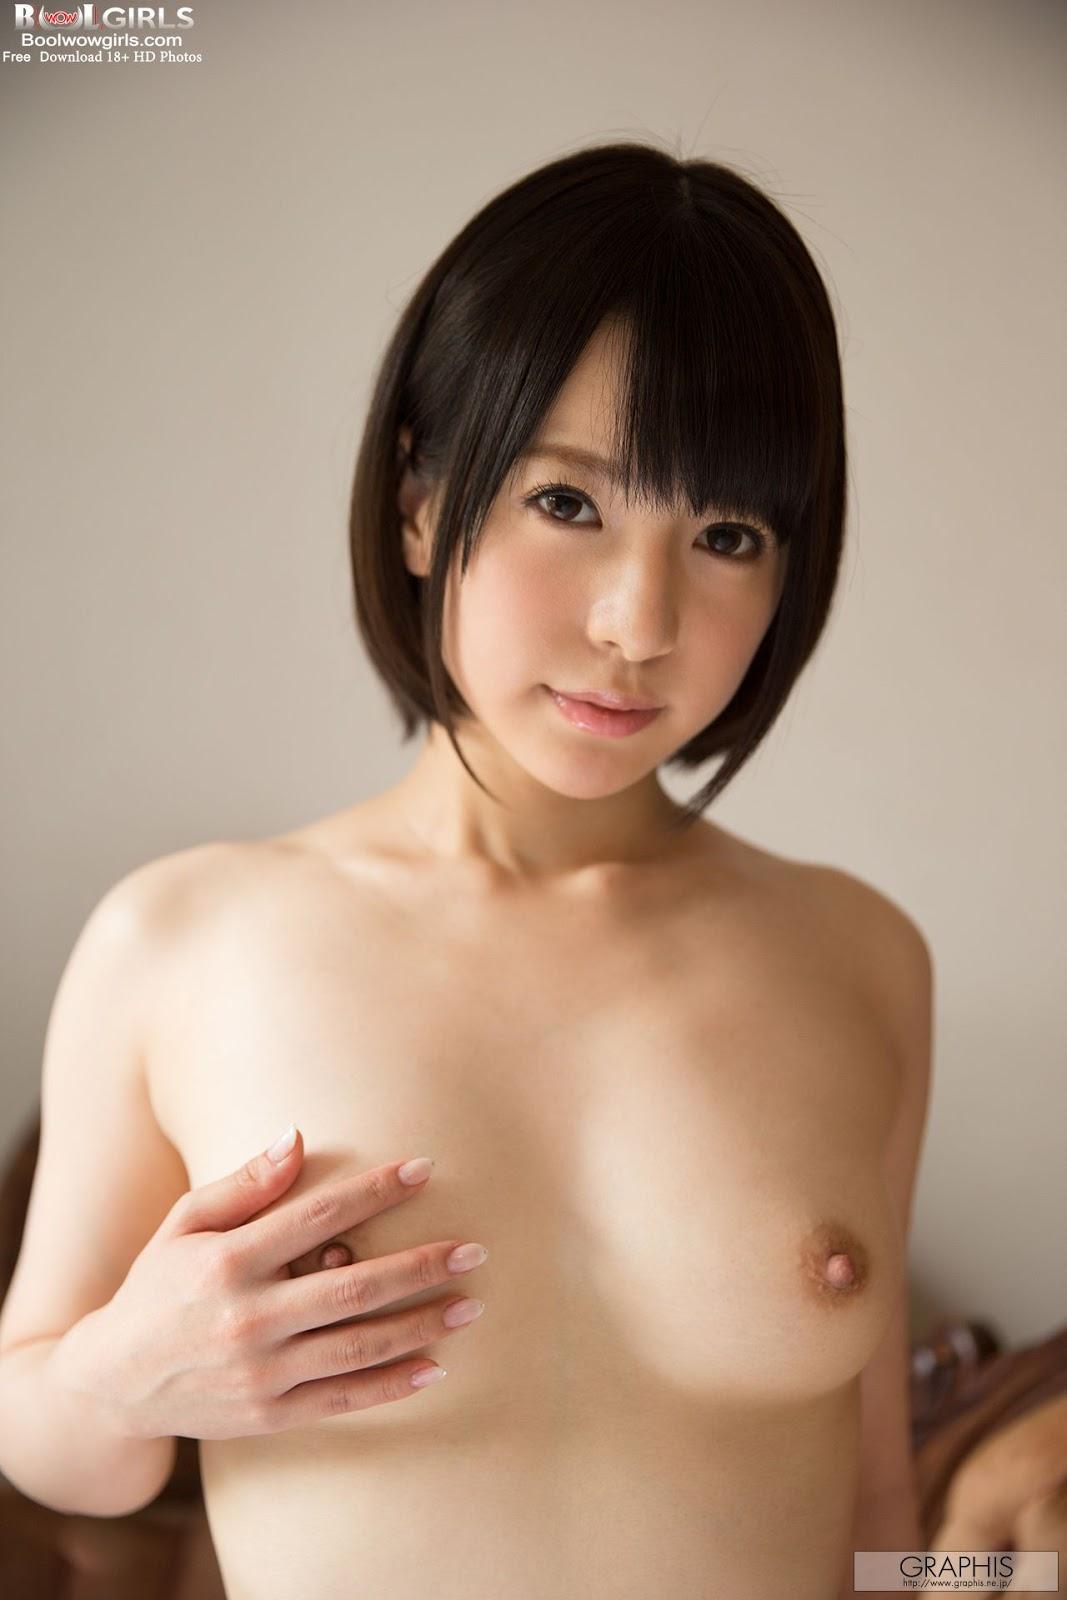 SENA NAGAKURA GRAPHIS Sena Nagakura 永倉せな